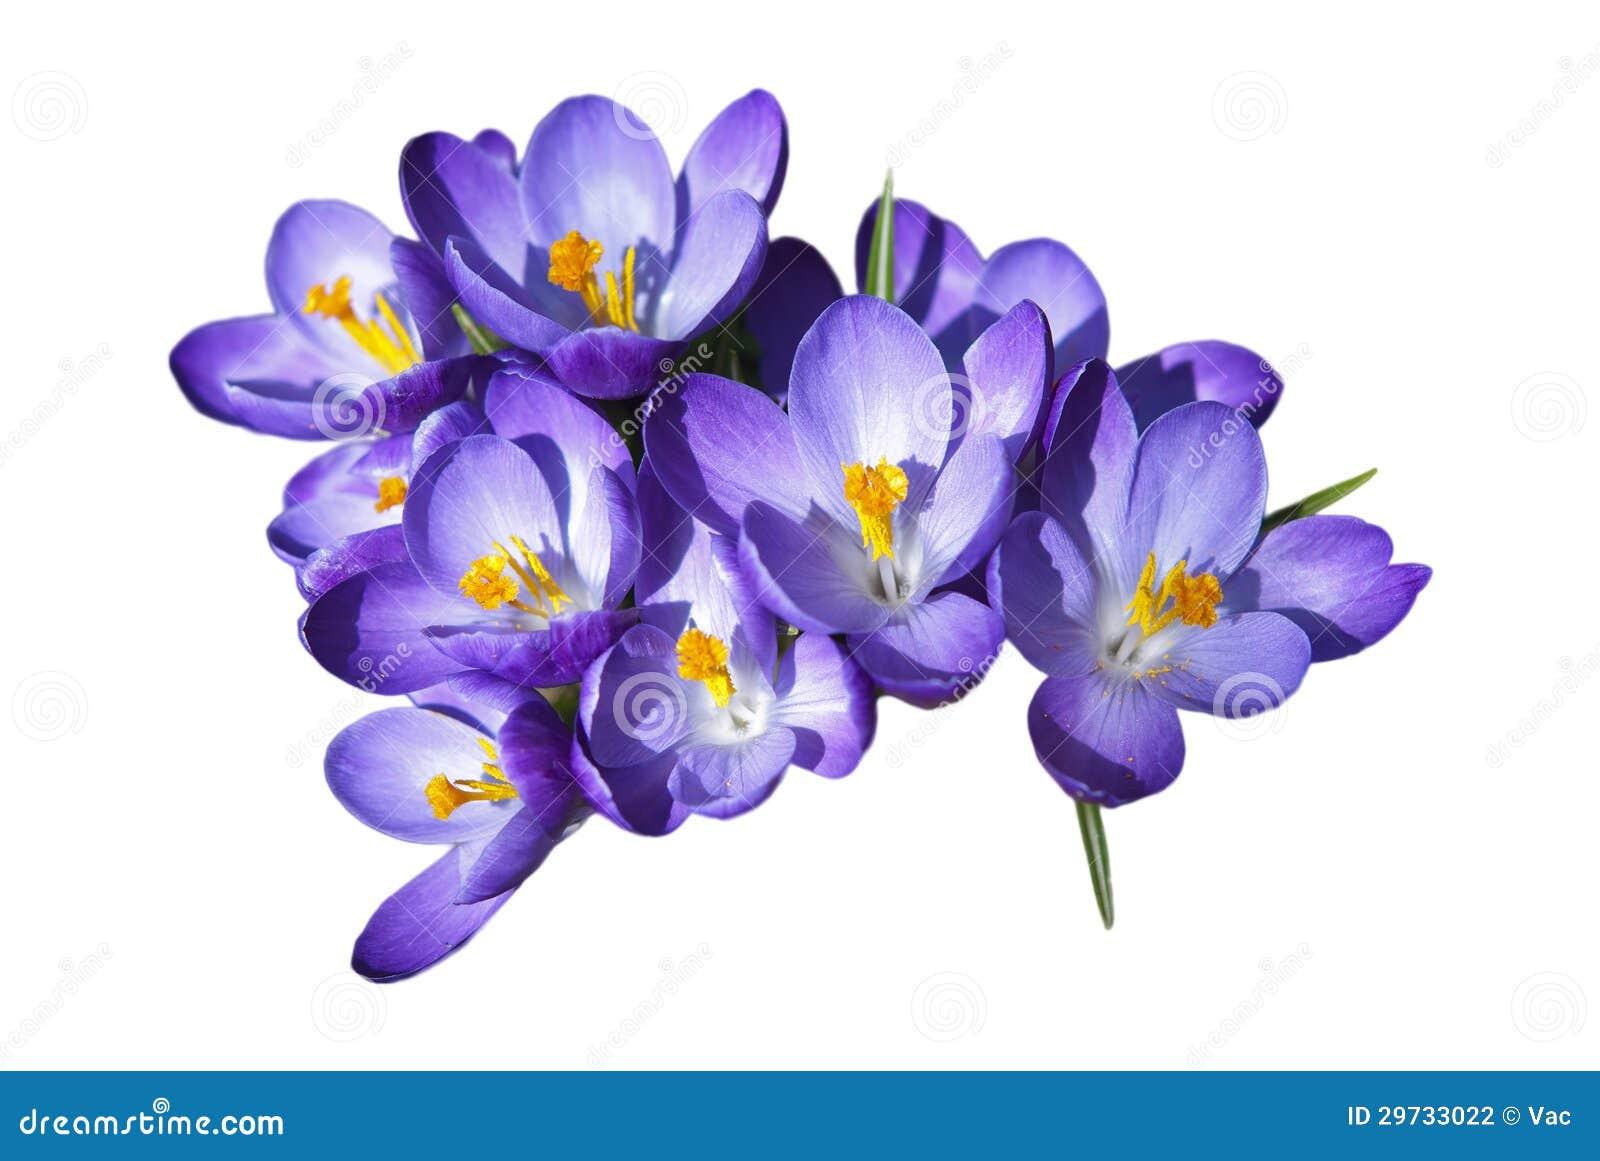 Цветки крокуса